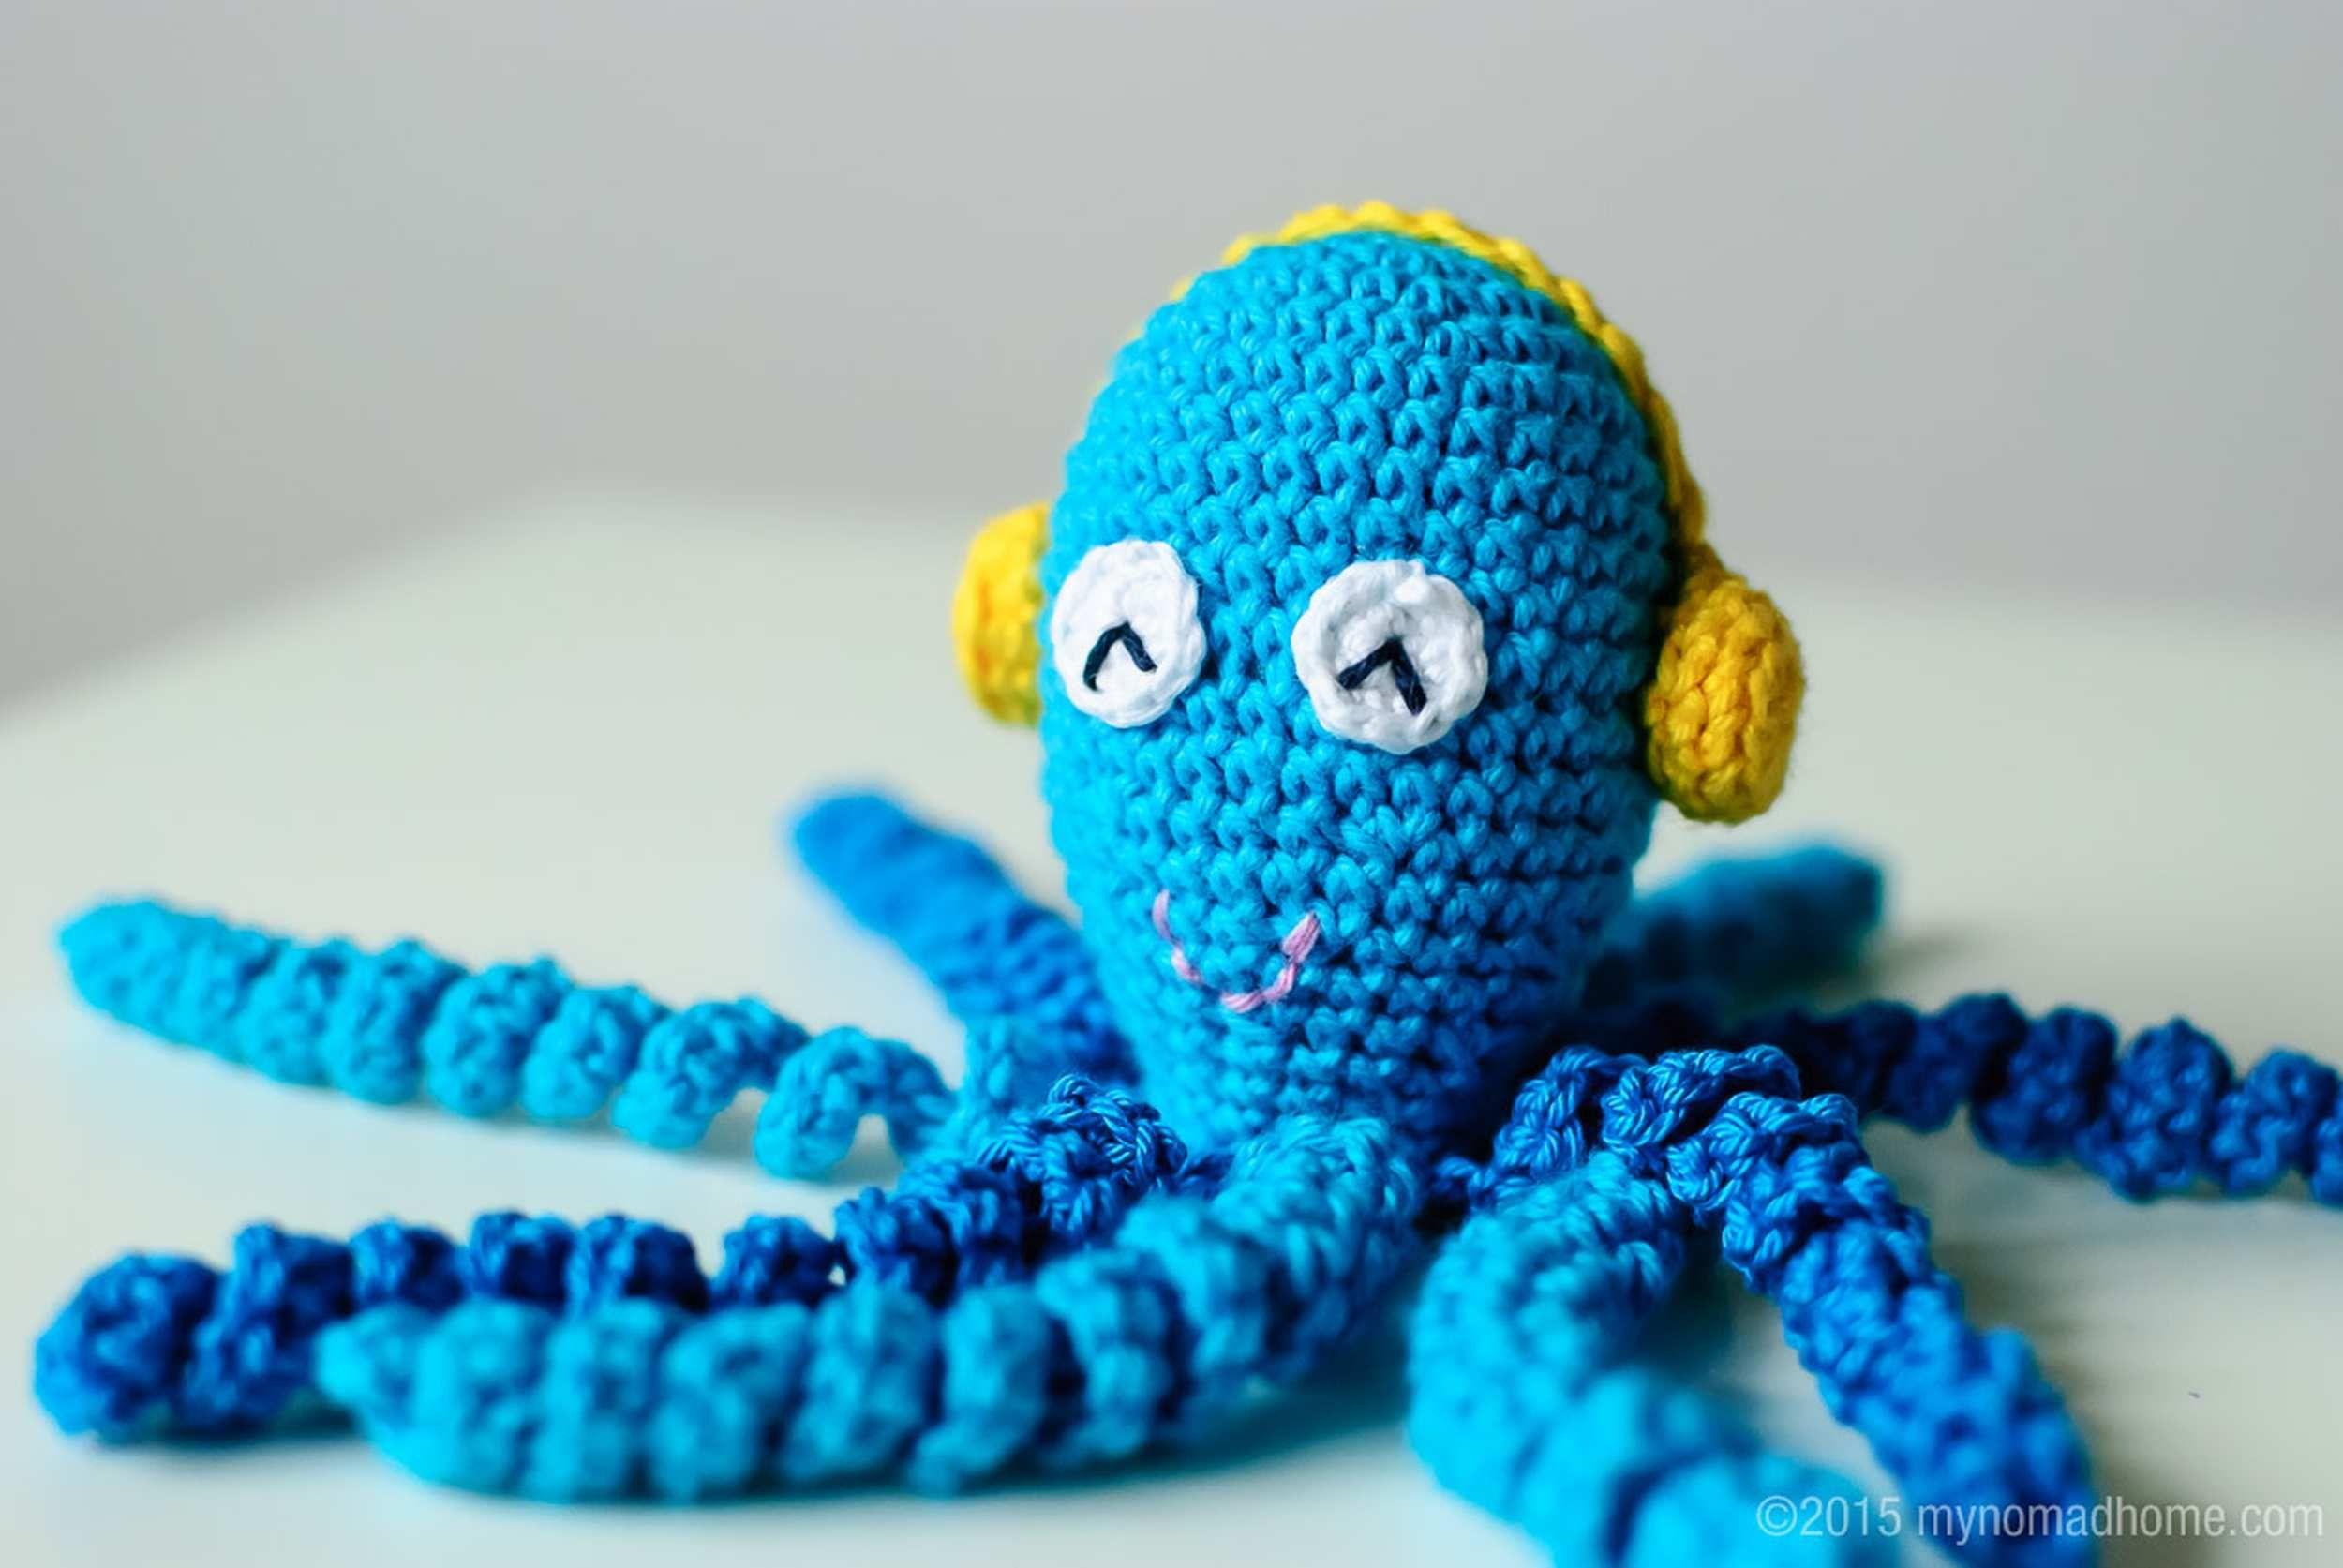 Octopus for a preemie / Ośmiorniczka dla wcześniaka - my nomad home ...